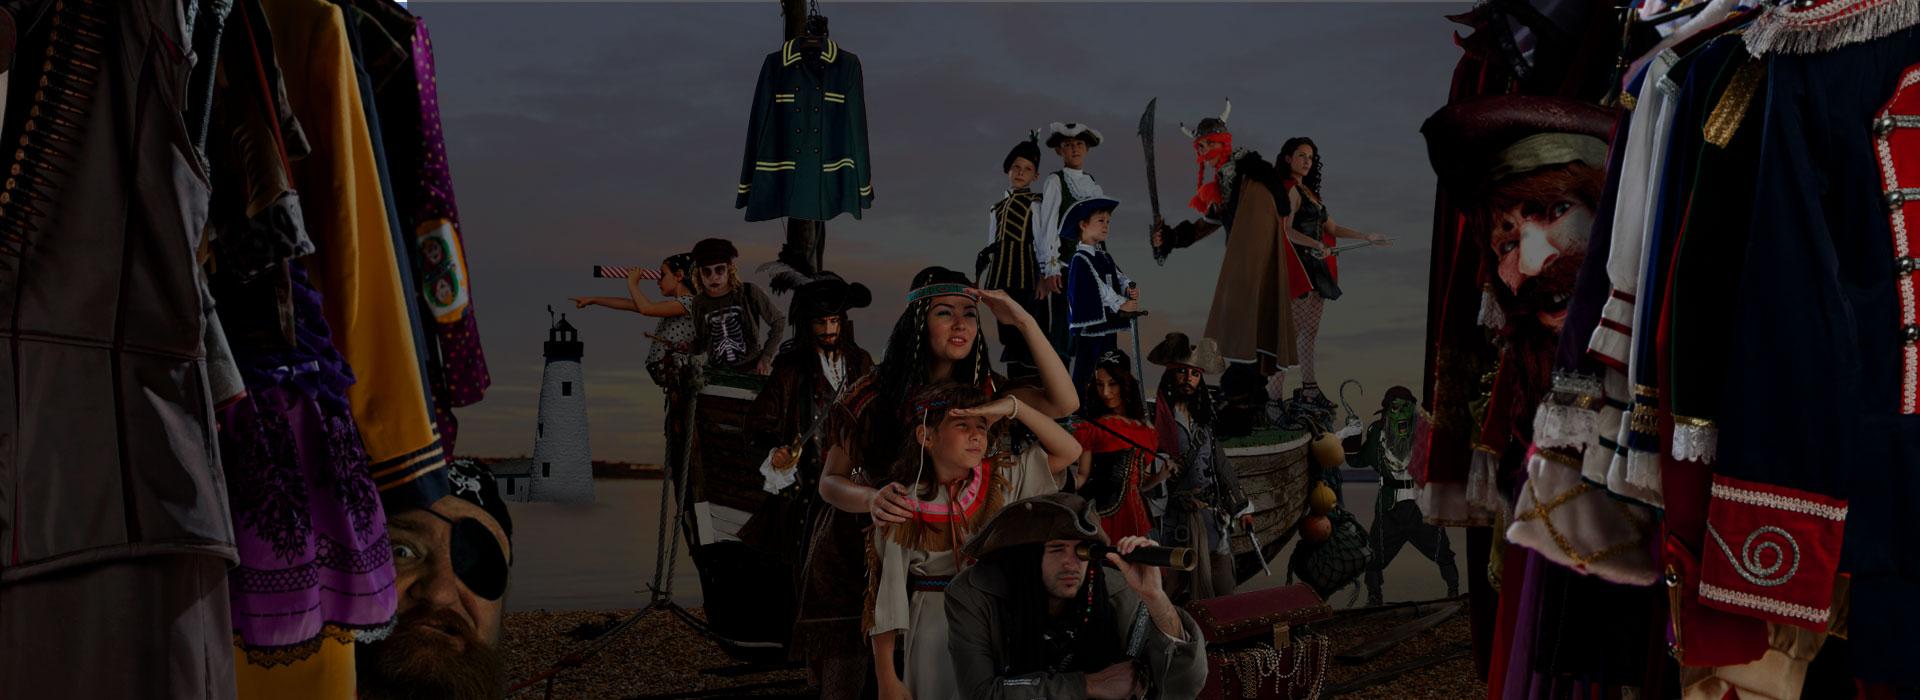 Costume pirați